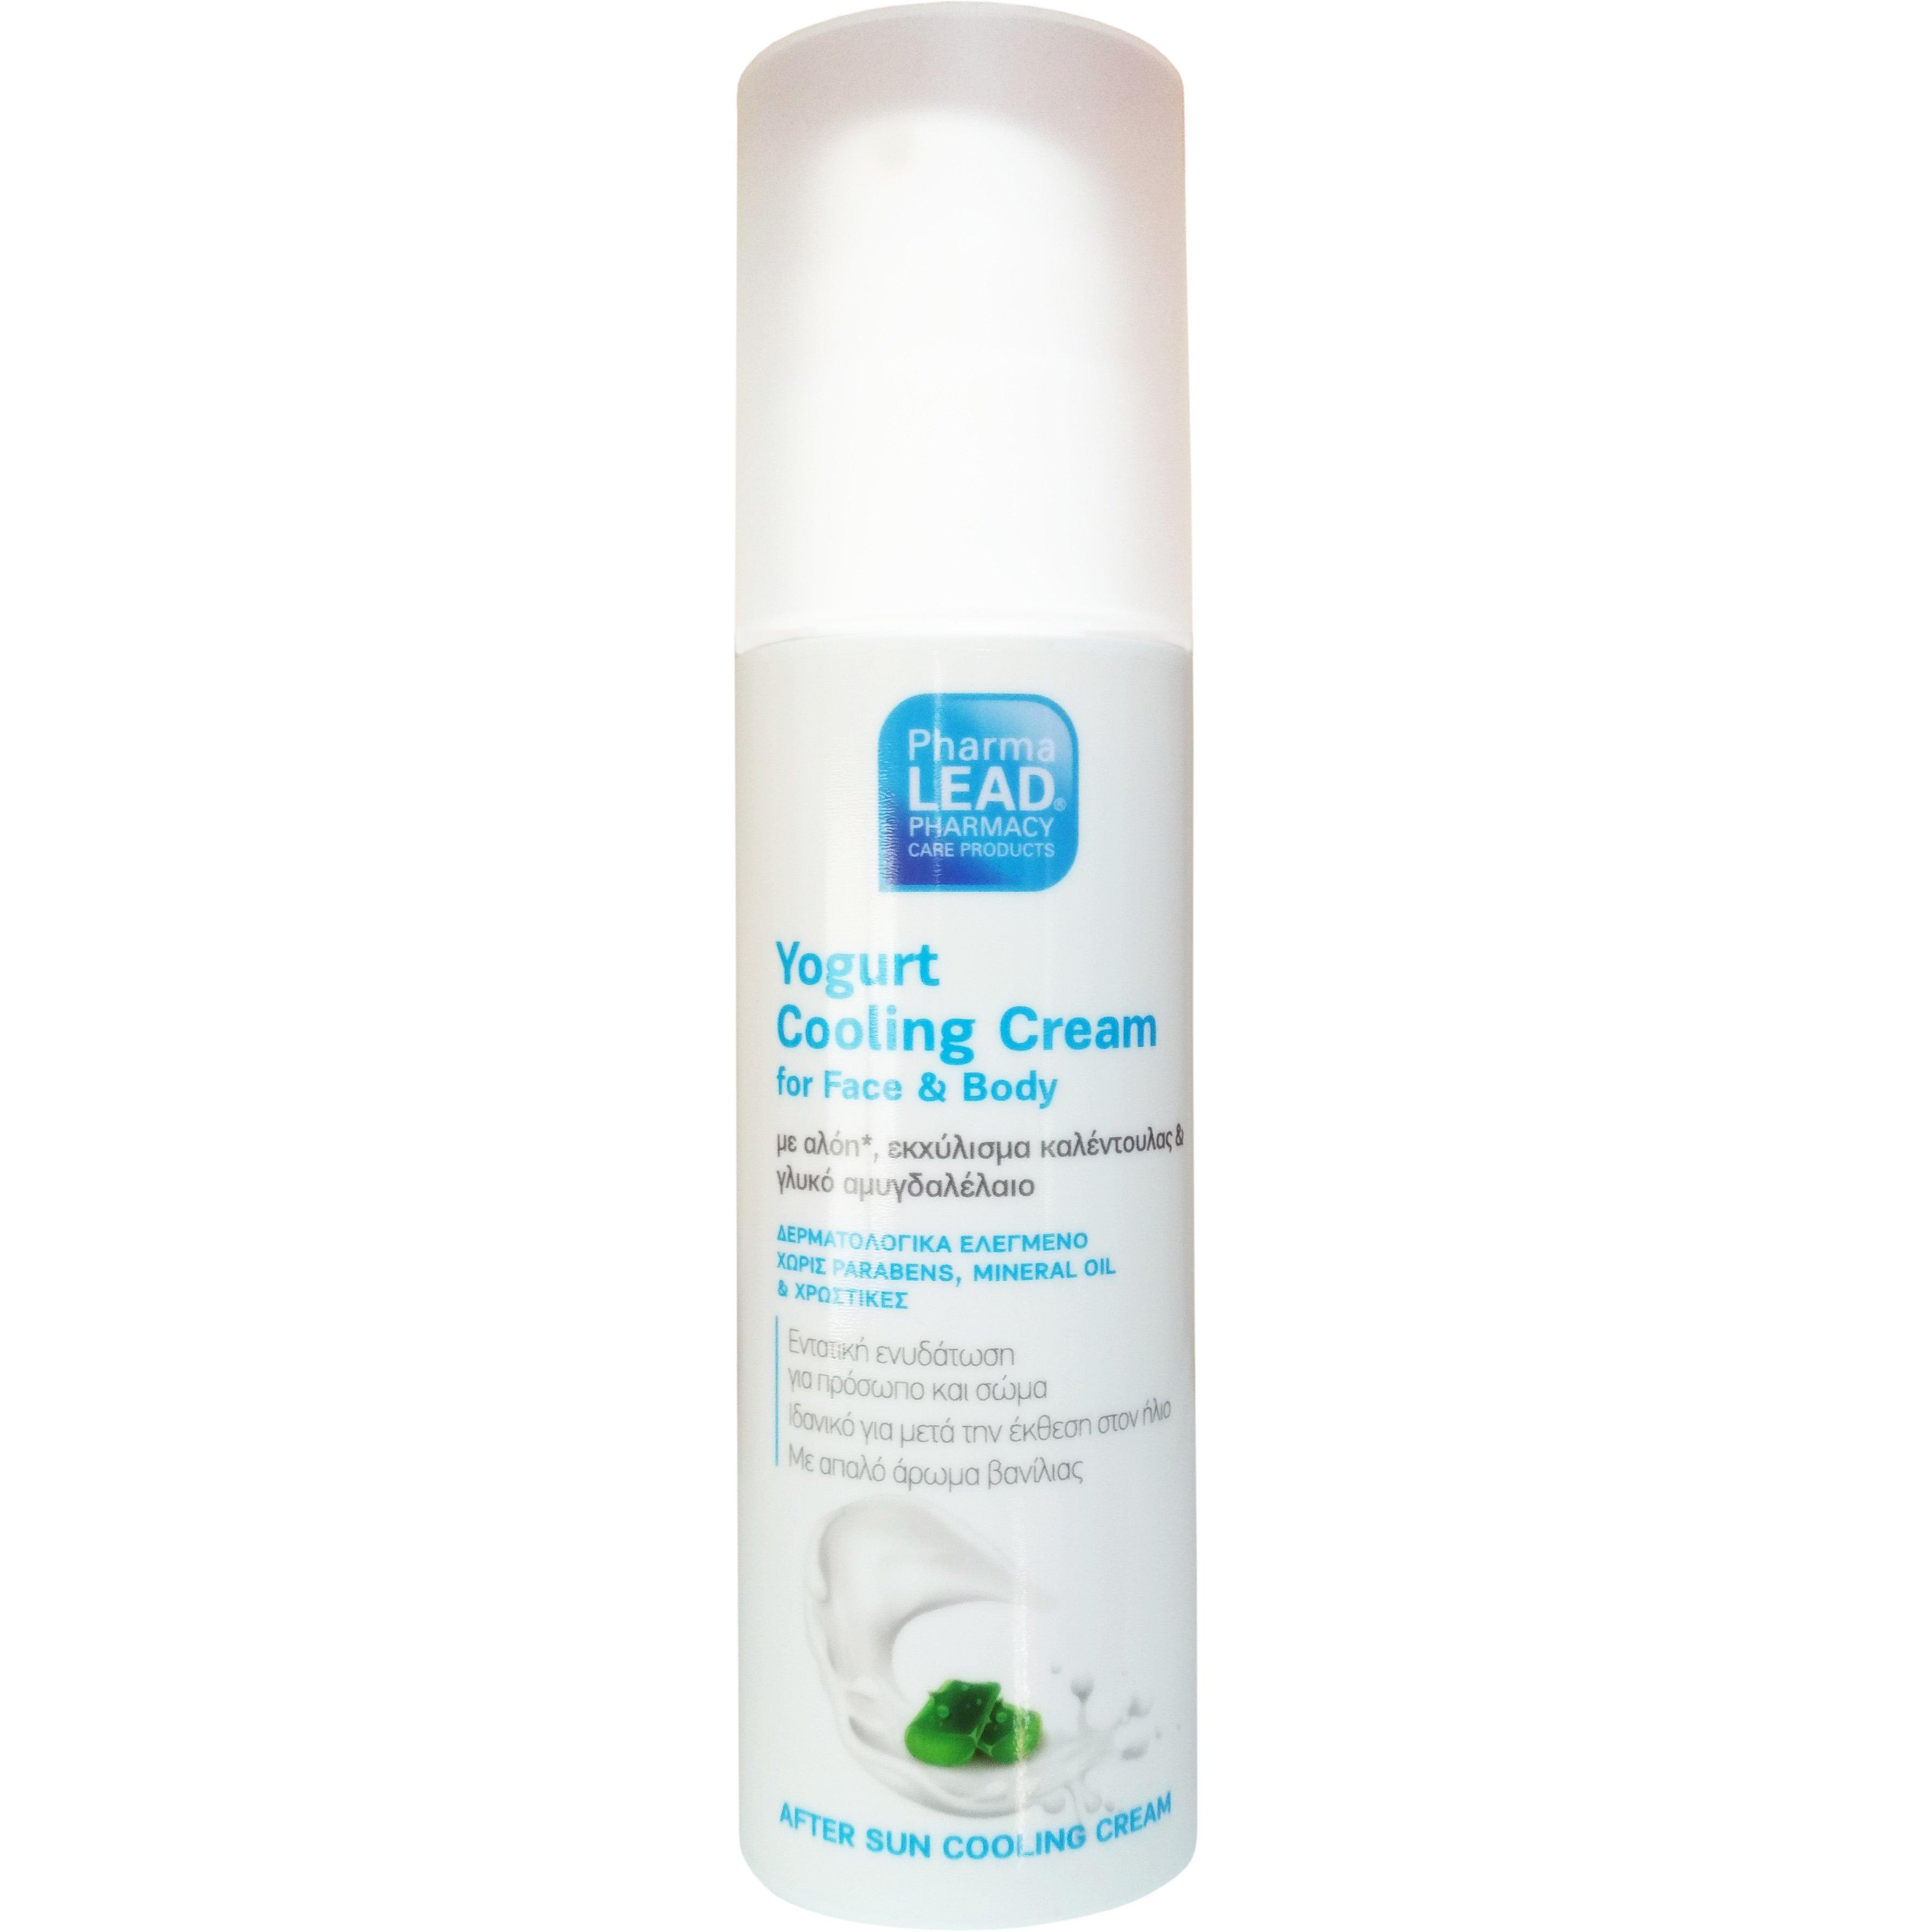 Pharmalead Yogurt Cooling Cream for Face & Body Δροσιστική Κρέμα για Εντατική Ενυδάτωση Προσώπου Σώματος 150ml